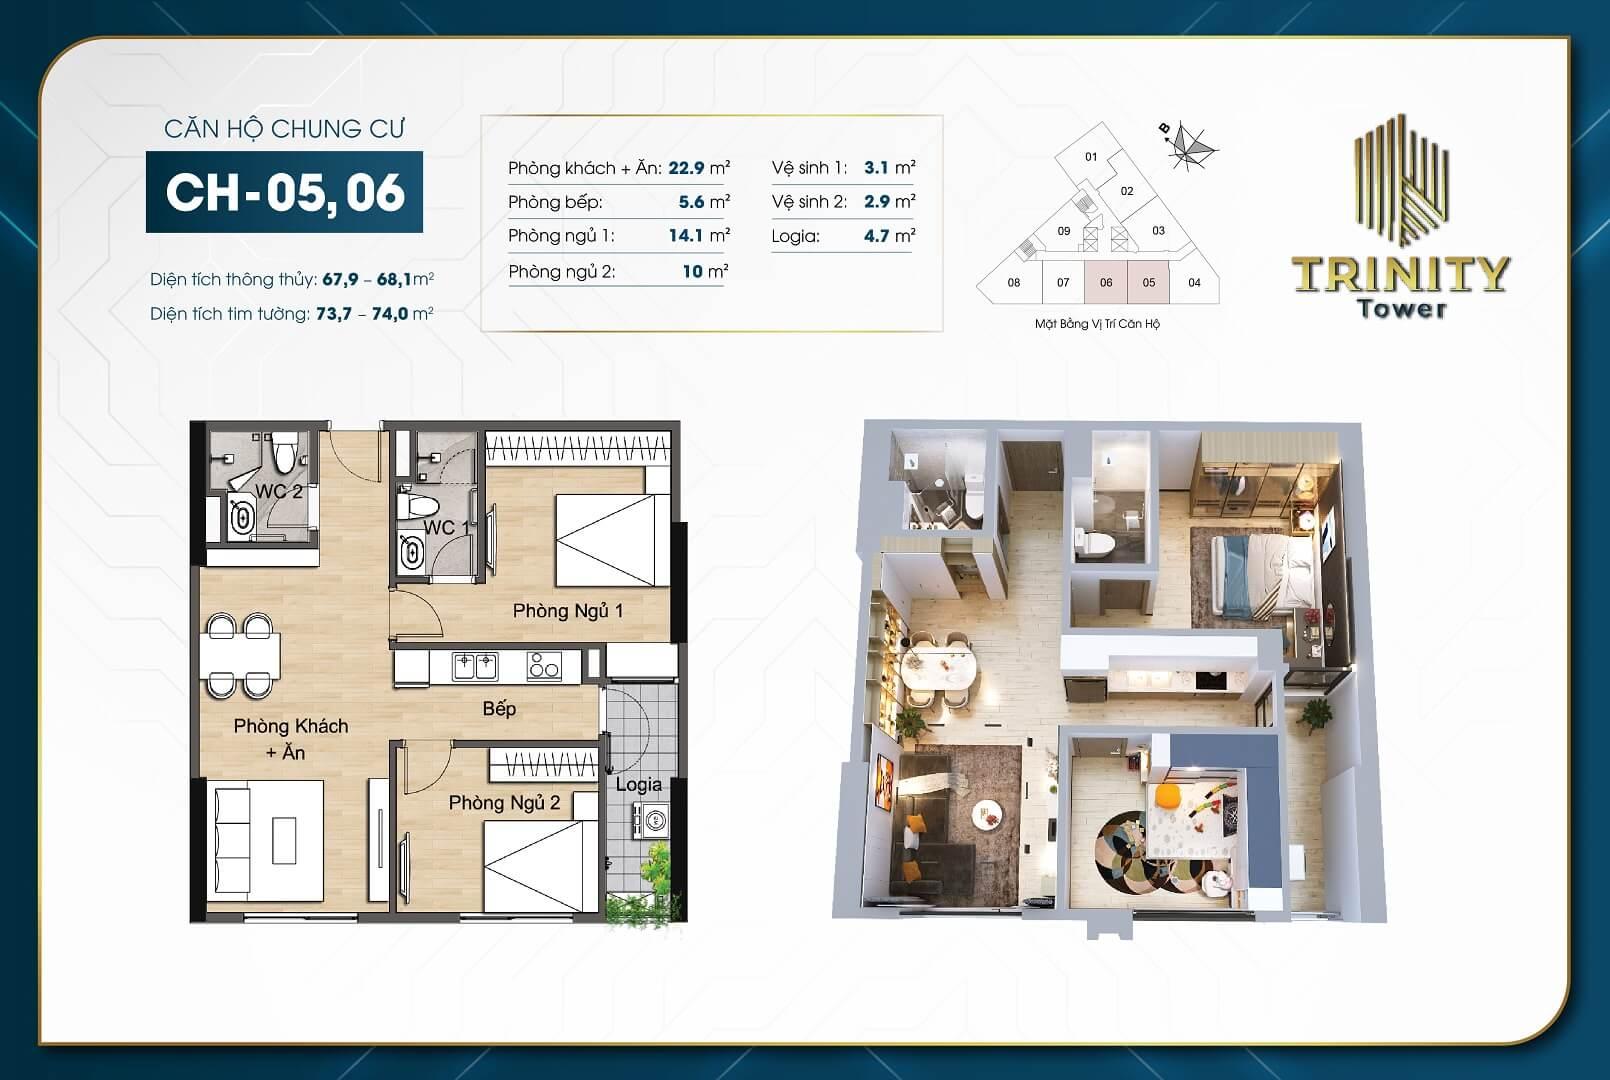 thiết kế chung cư trinity tower căn hộ 05